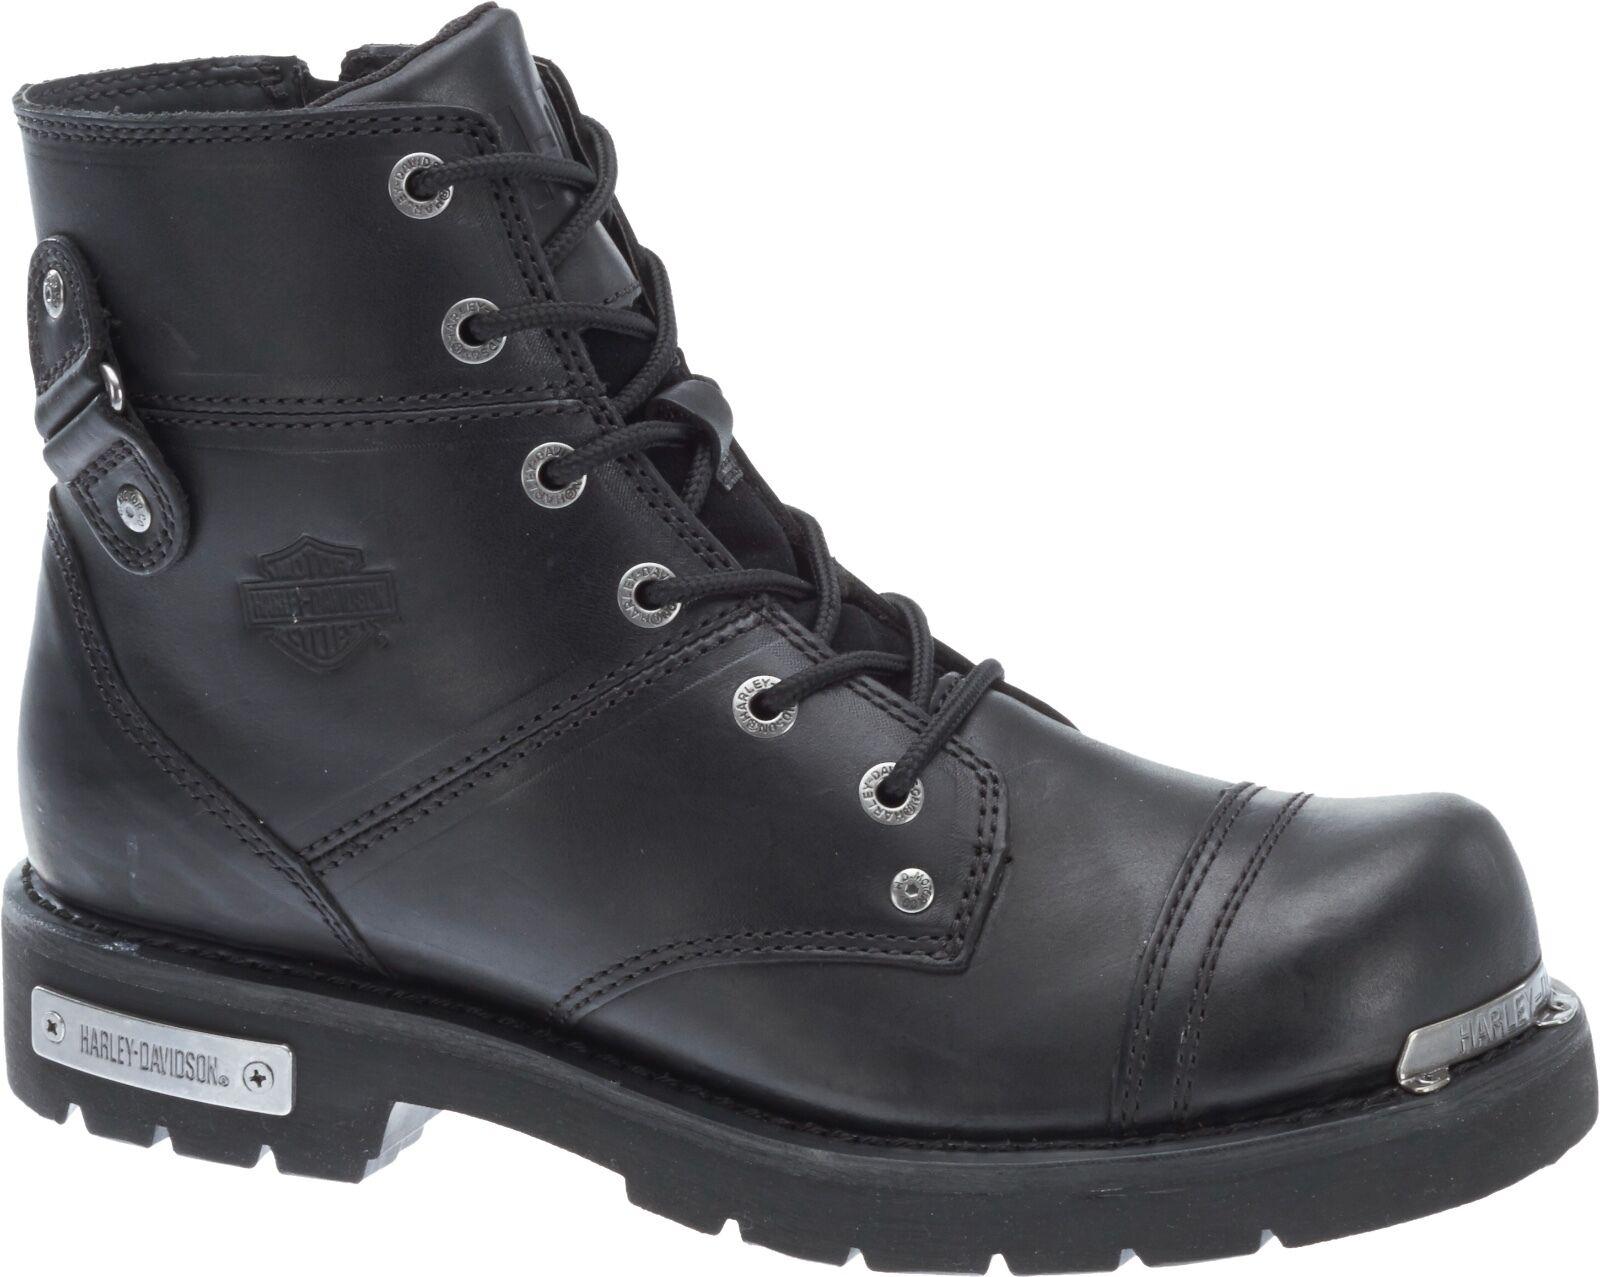 Nuevas botas para hombre HARLEY-DAVIDSON D96103 FIRESIDE